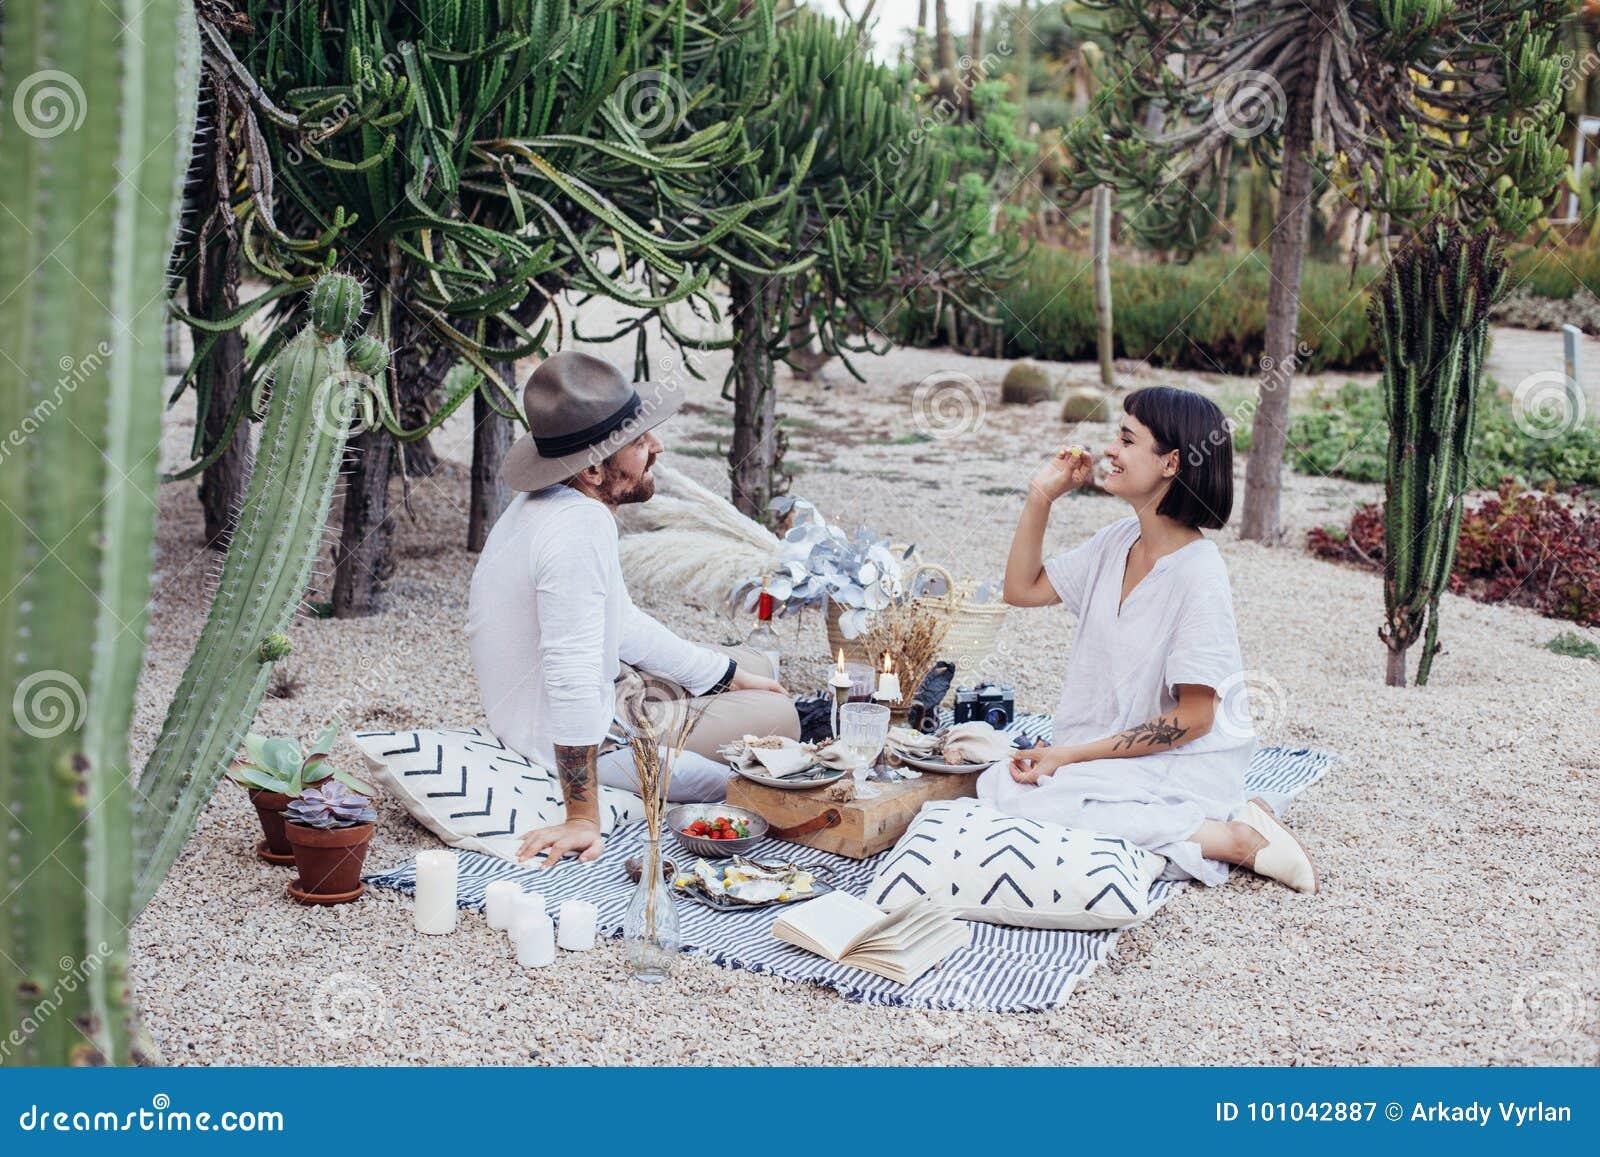 Los pares fecha romántica ponen en la manta de la comida campestre